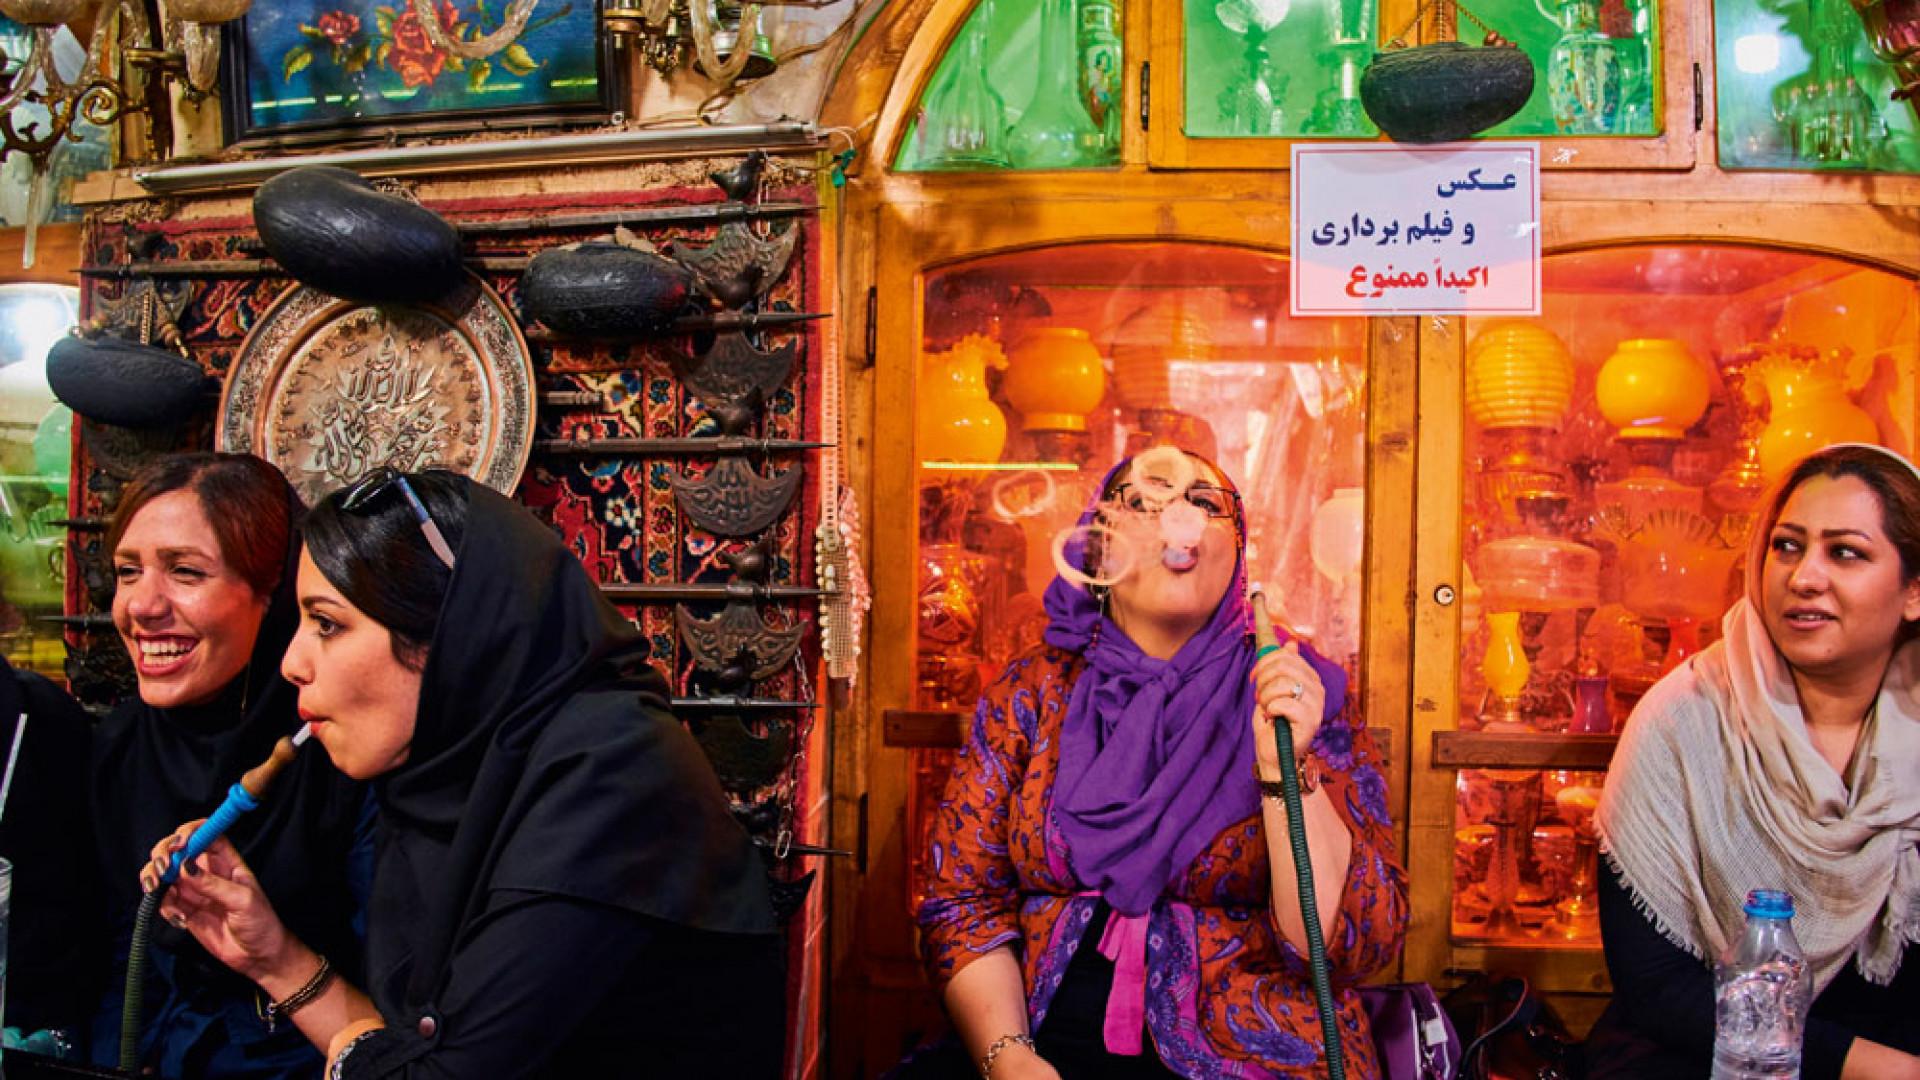 Shisha smokers in Isfahan, Iran